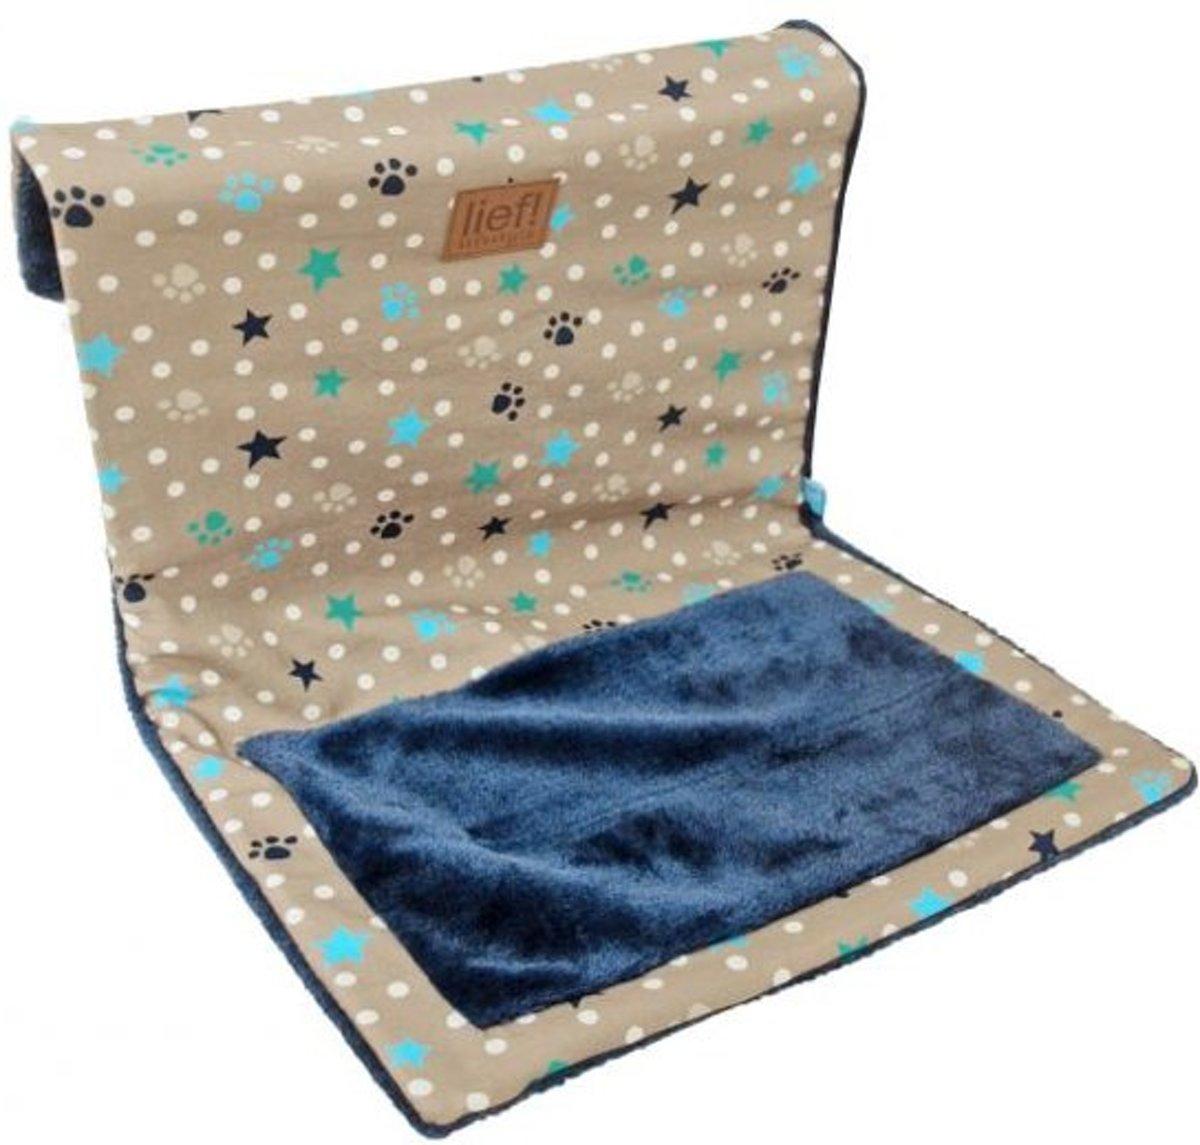 Lief! Kattenhangmat - Beige/Blauw - 45 x 34 x34 cm voor katten kopen